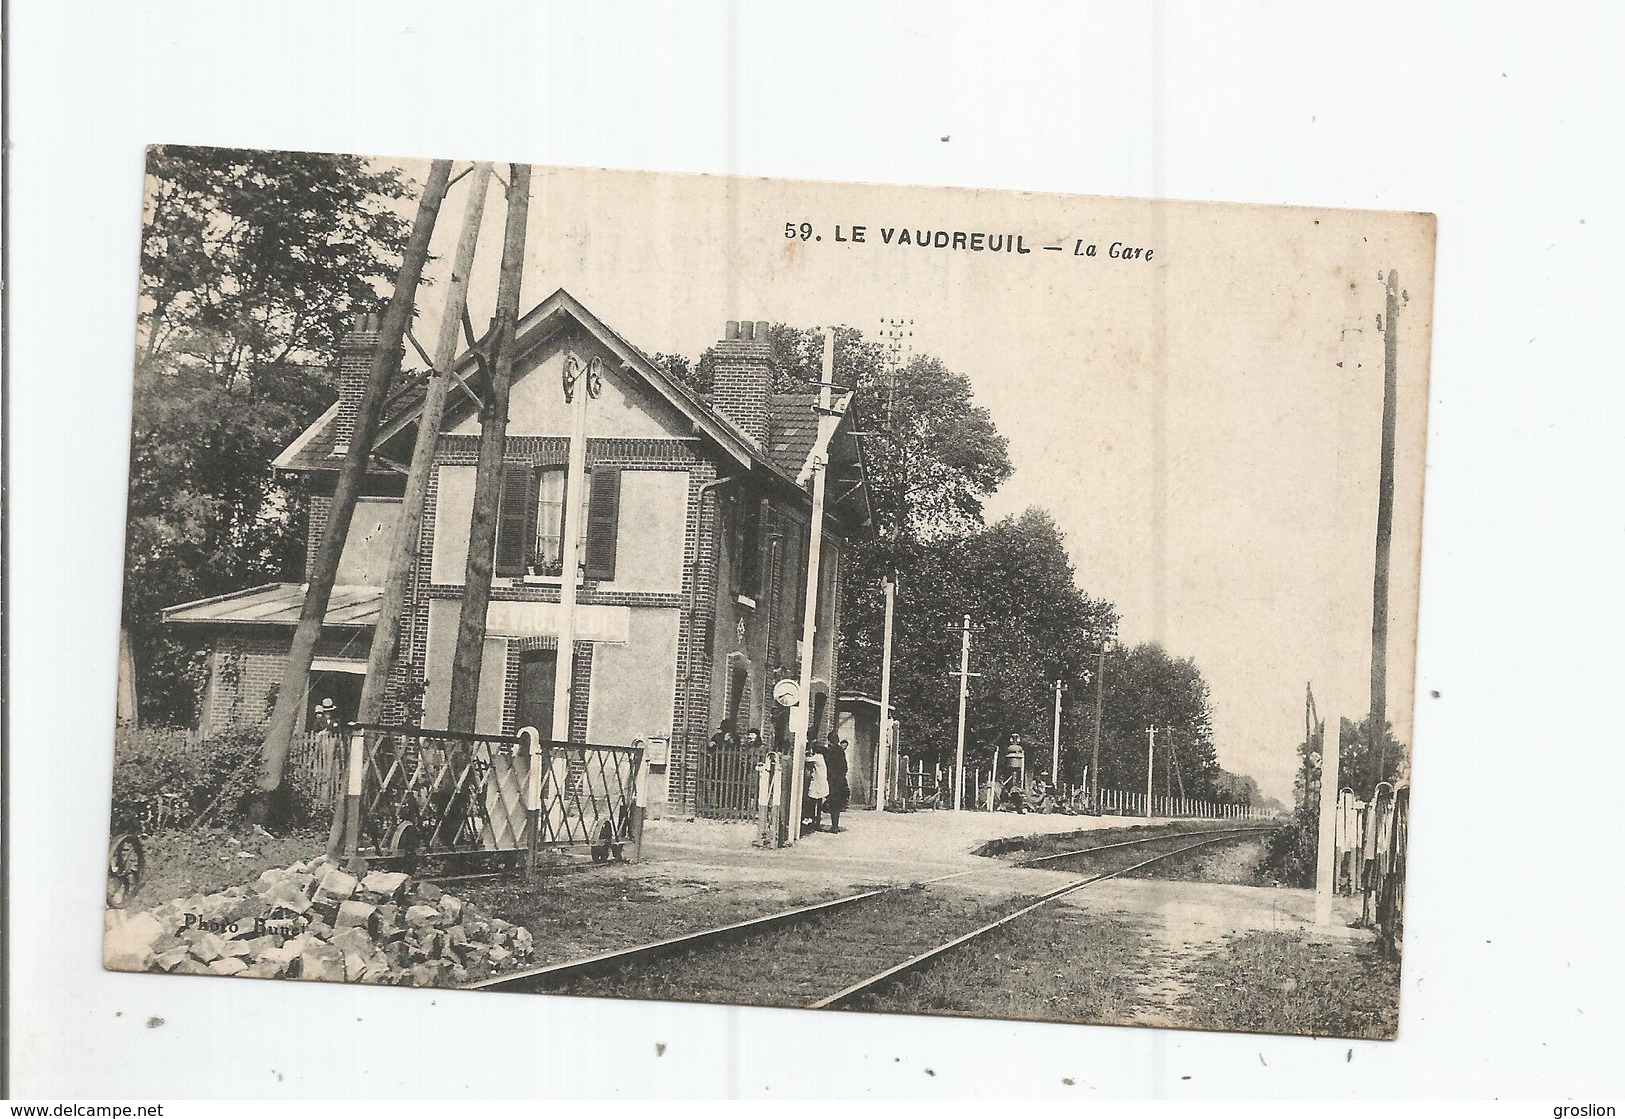 LE VAUDREUIL (EURE) 59 LA GARE - Le Vaudreuil